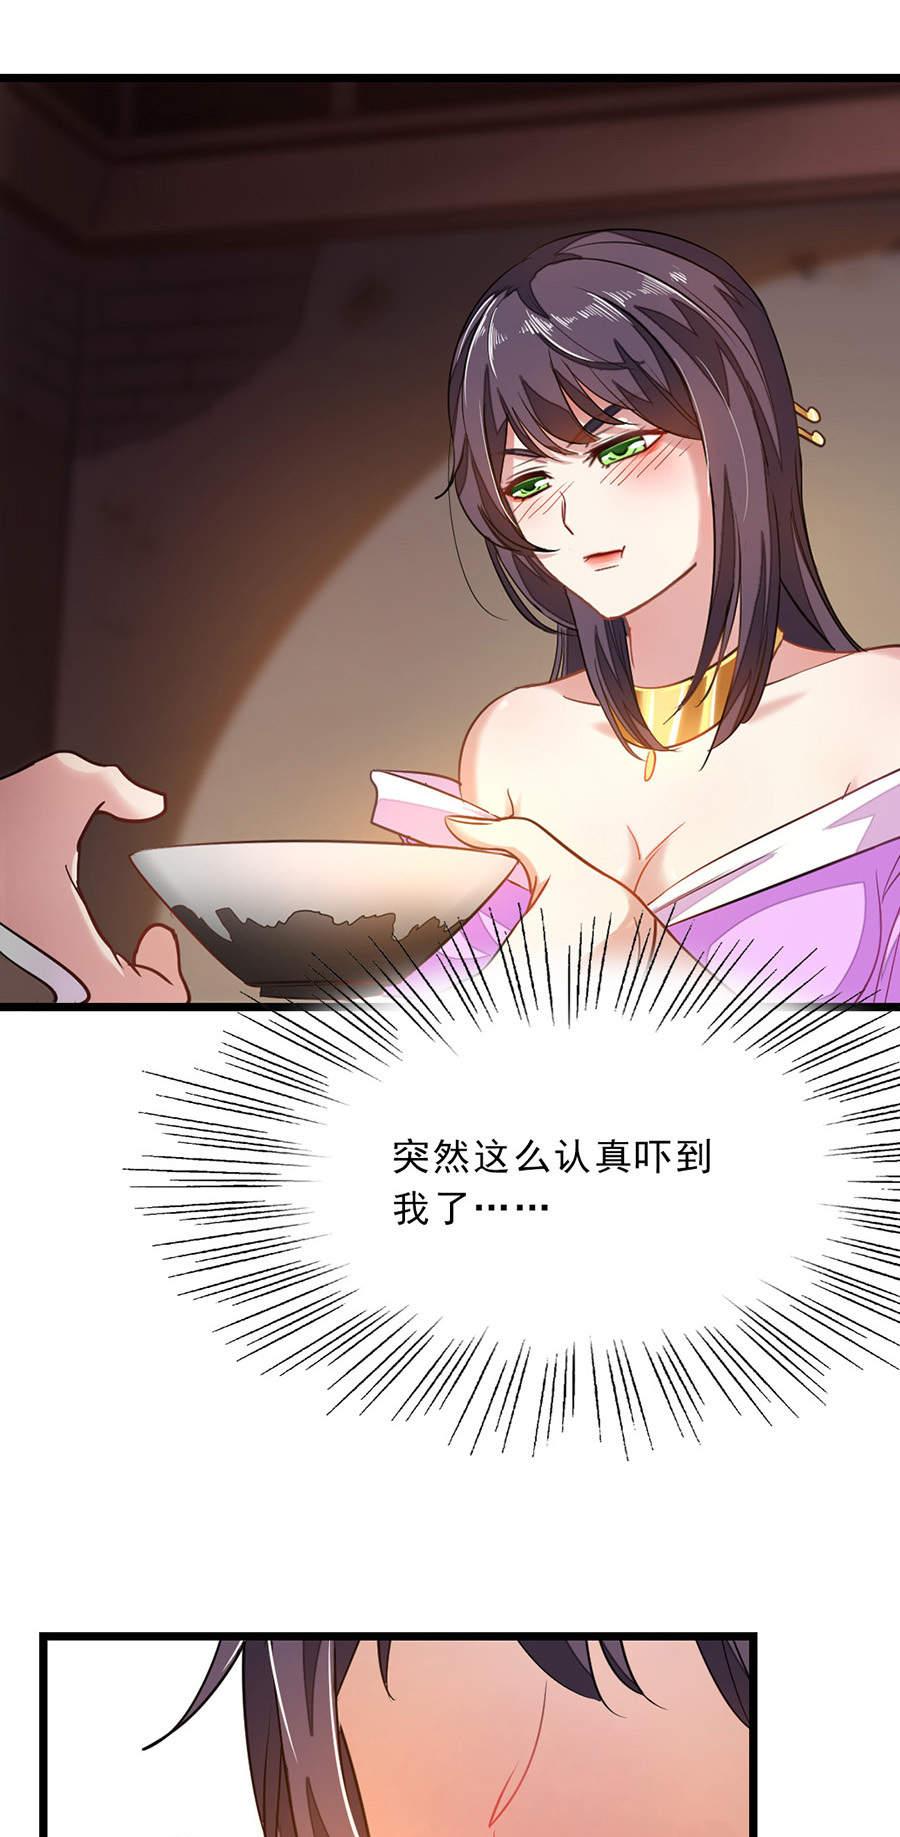 九阳神王第77话  姑姑?! 第 11